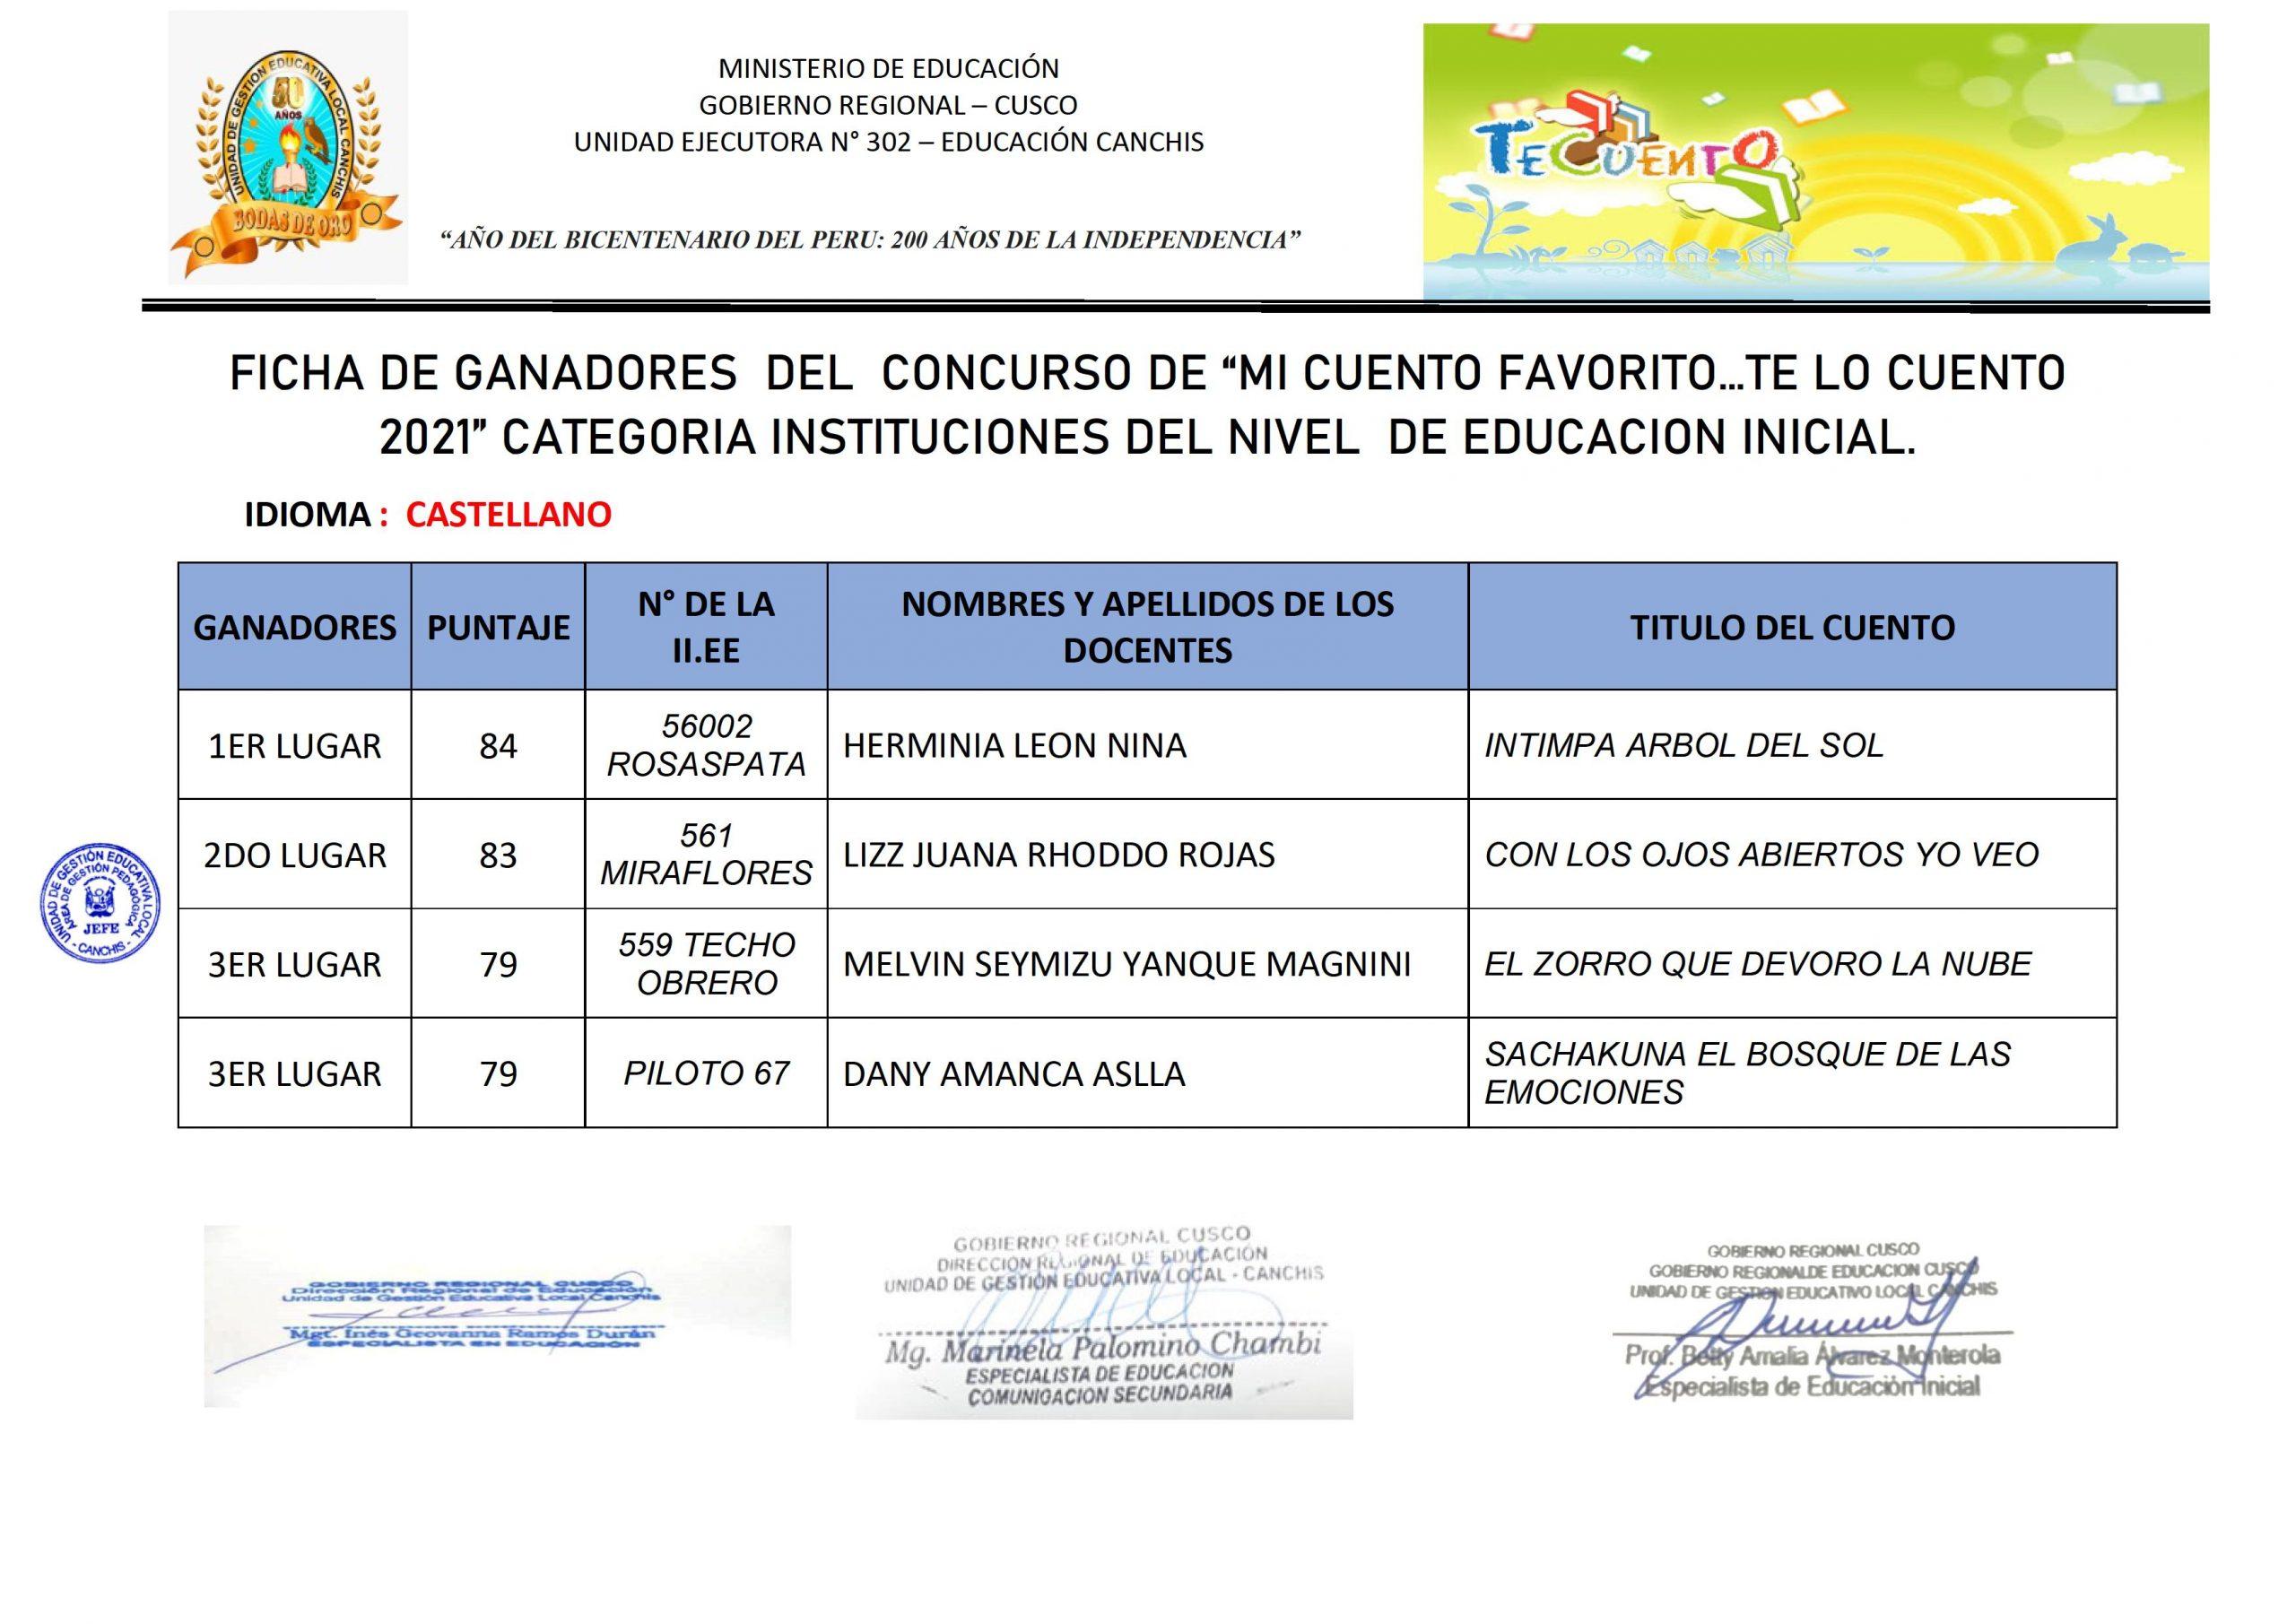 """FICHA DE GANADORES DEL CONCURSO DE """"MI CUENTO FAVORITO…TE LO CUENTO 2021"""" CATEGORIA INSTITUCIONES DEL NIVEL DE EDUCACION INICIAL."""